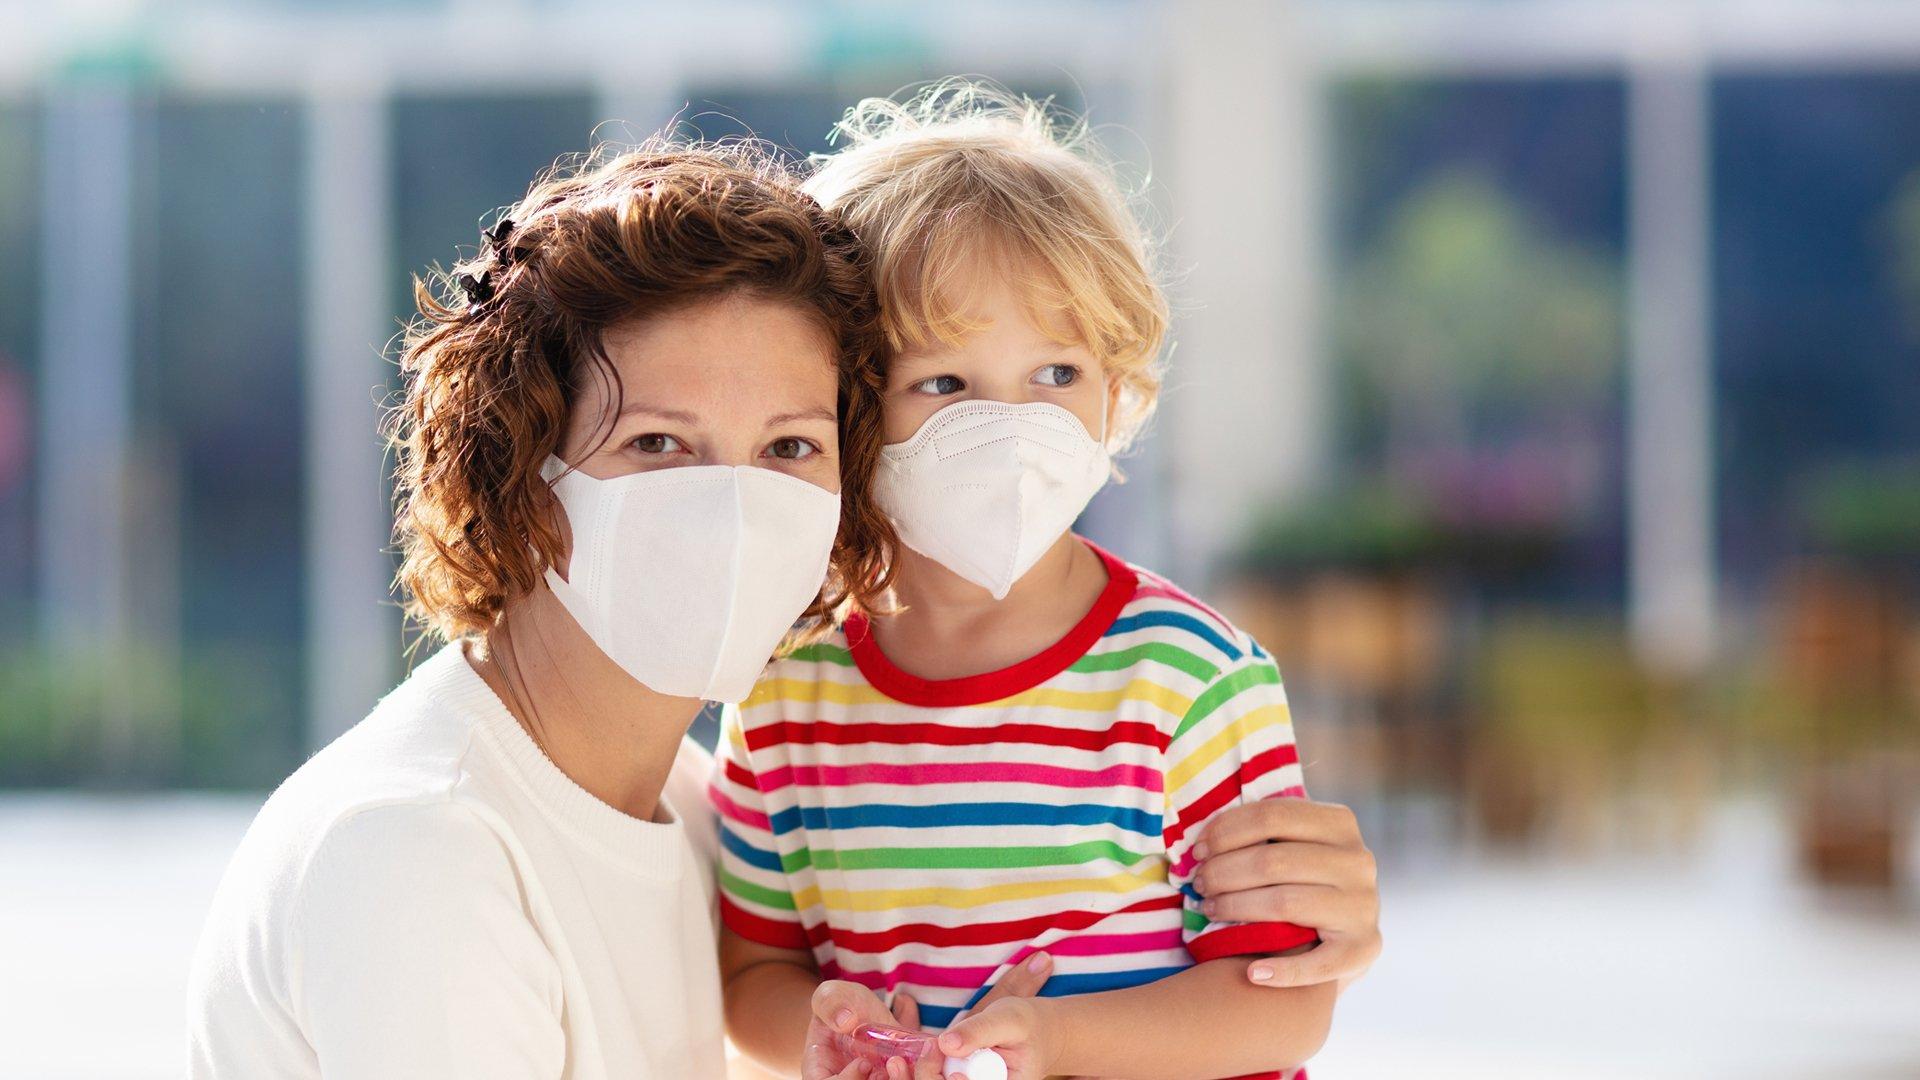 Mascherine FFP2 gel detergente e ausili di protezione covid Ortopedia Marchetti a Sarnico Bergamo effettua servizio consegna a domicilio